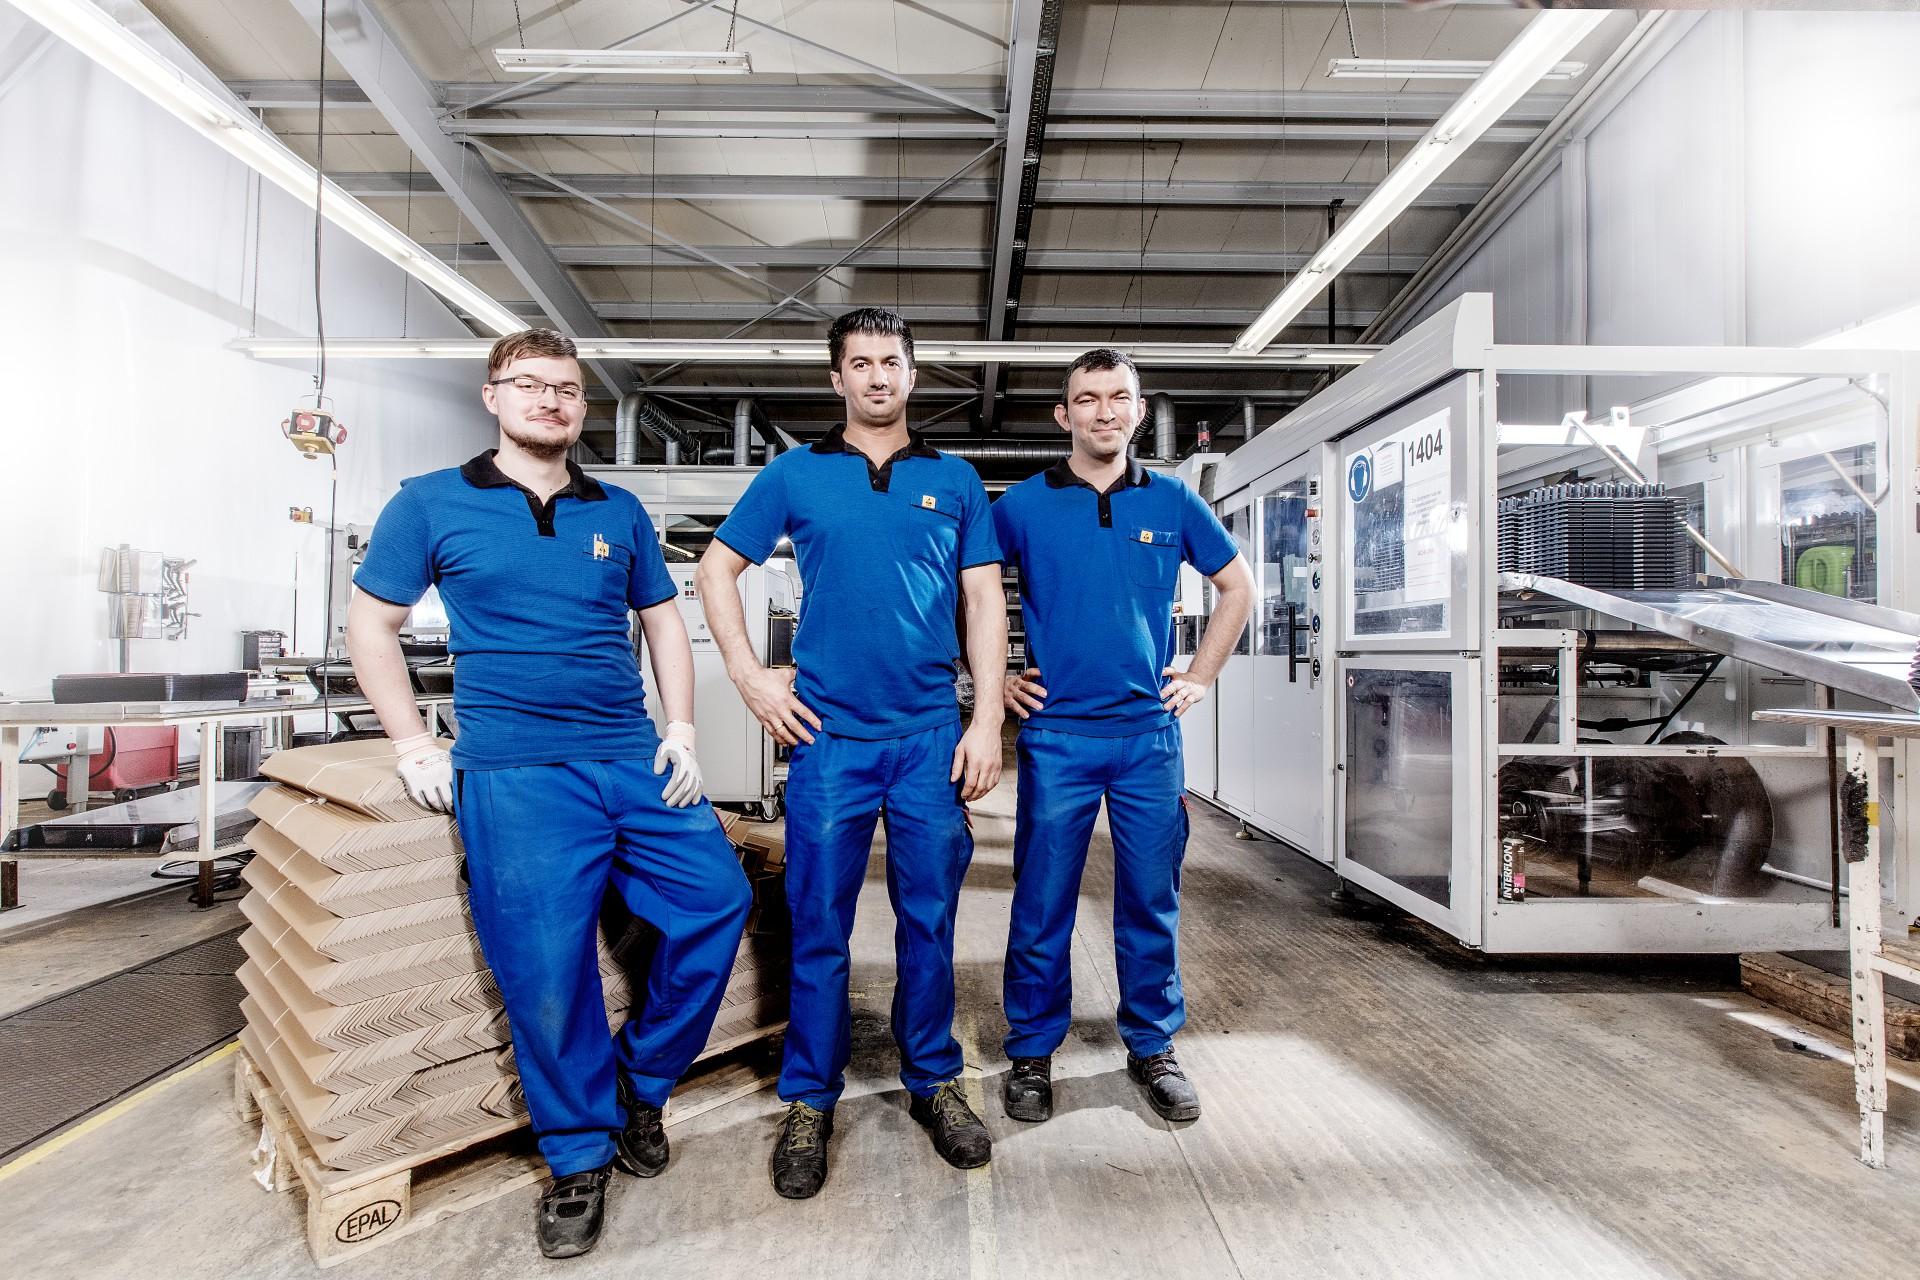 swissplast Mitarbeiterposieren in einer Fabrik